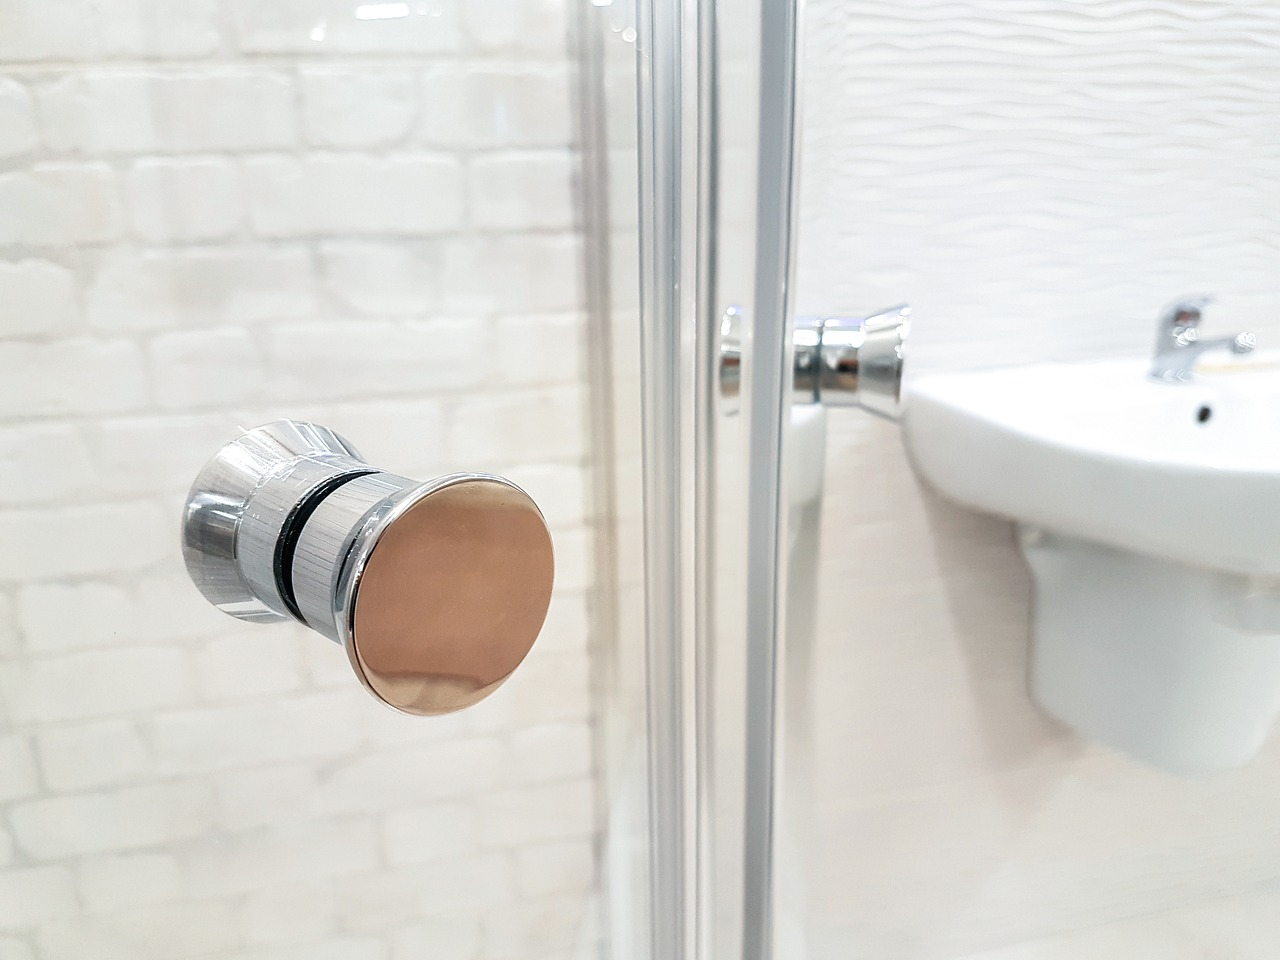 Industriální styl do koupelny? Víme, co potřebuje